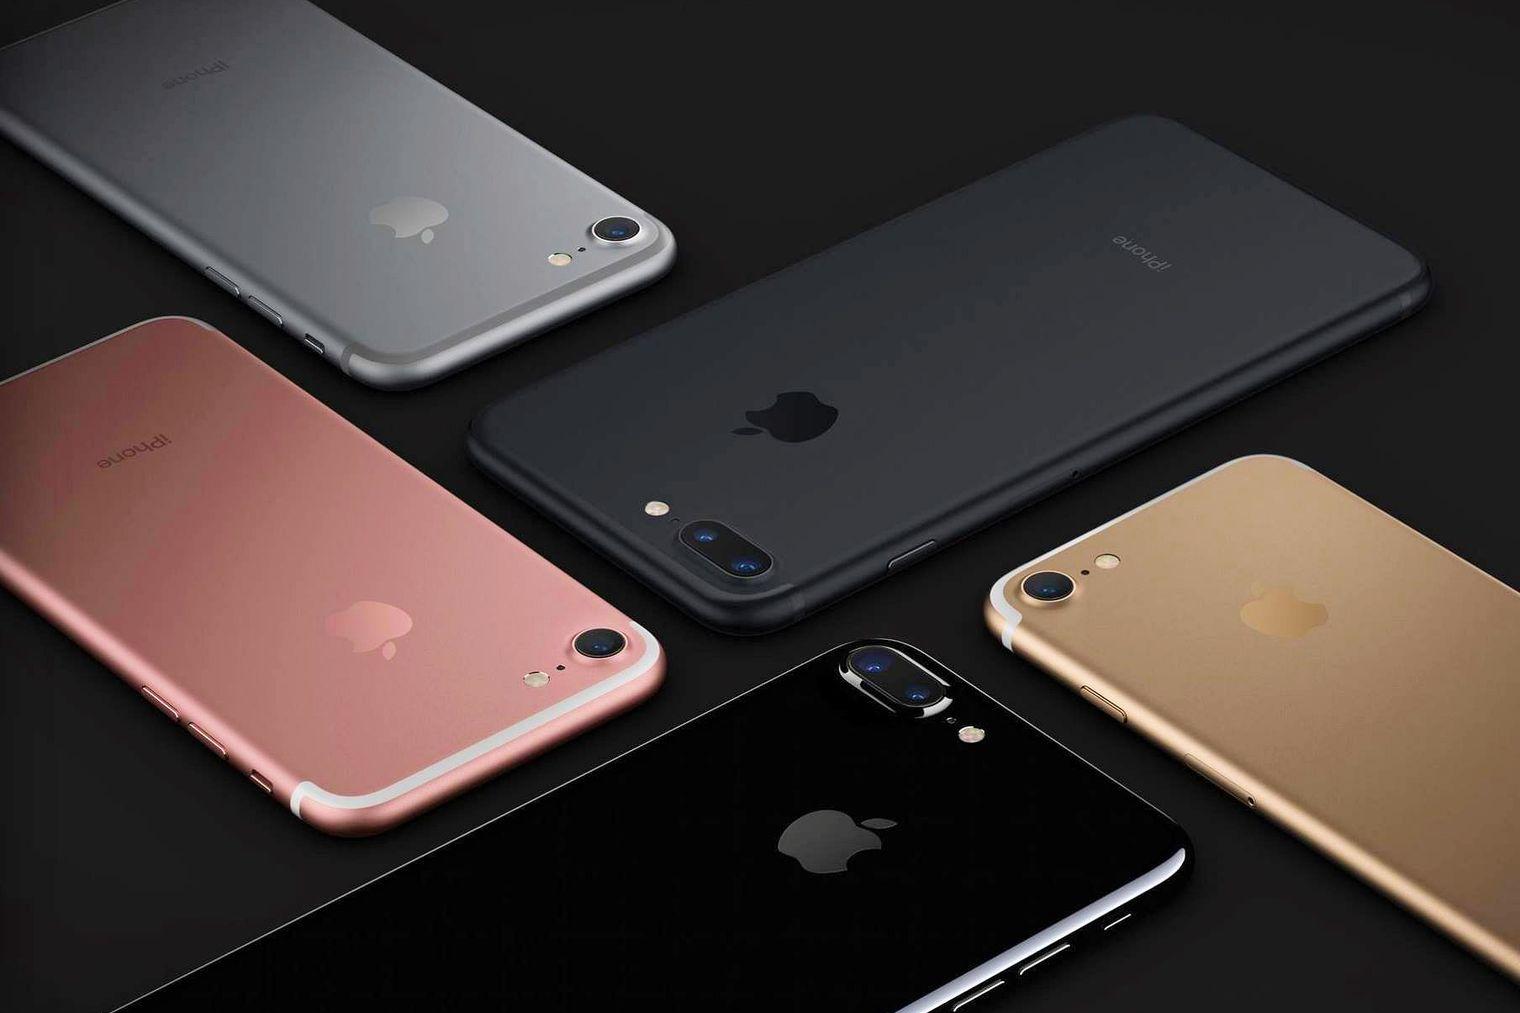 Ifølge nye dokumenter planlegger Apple tre iPhone-varianter i 2017.